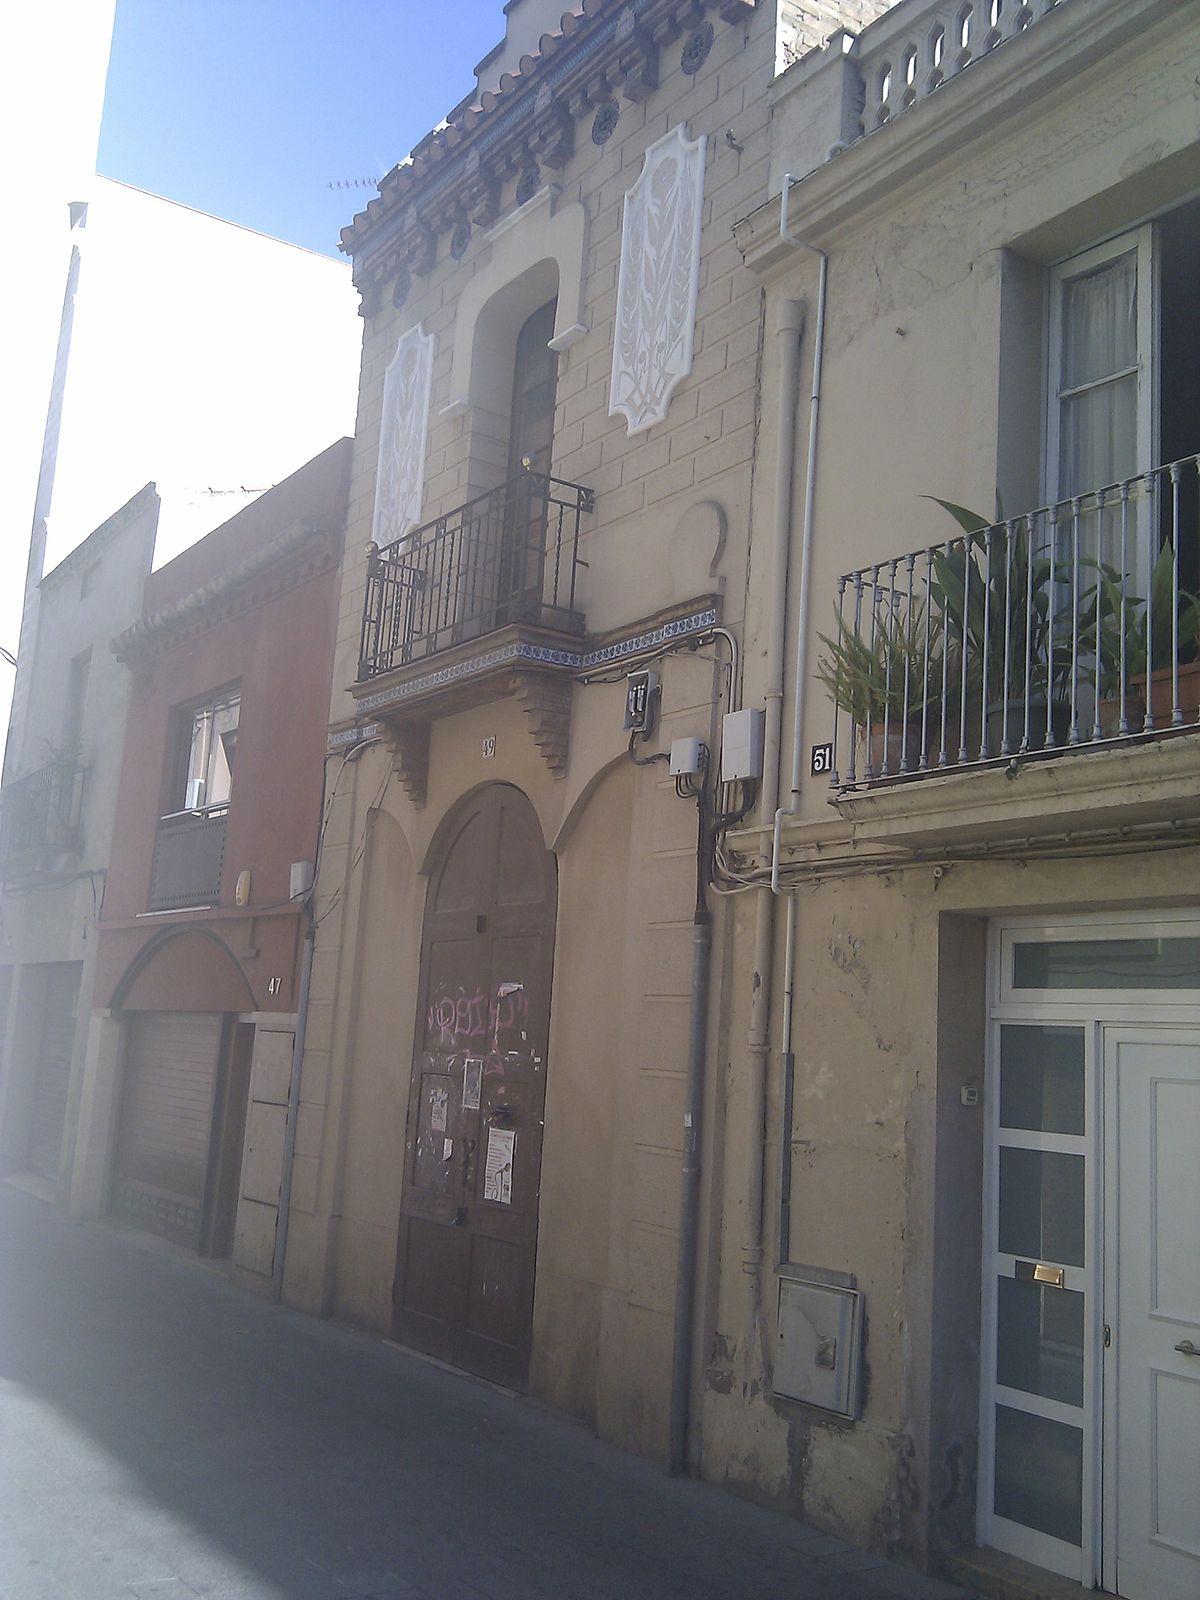 Habitatge al carrer major 49 sant boi de llobregat - Sofas sant boi de llobregat ...